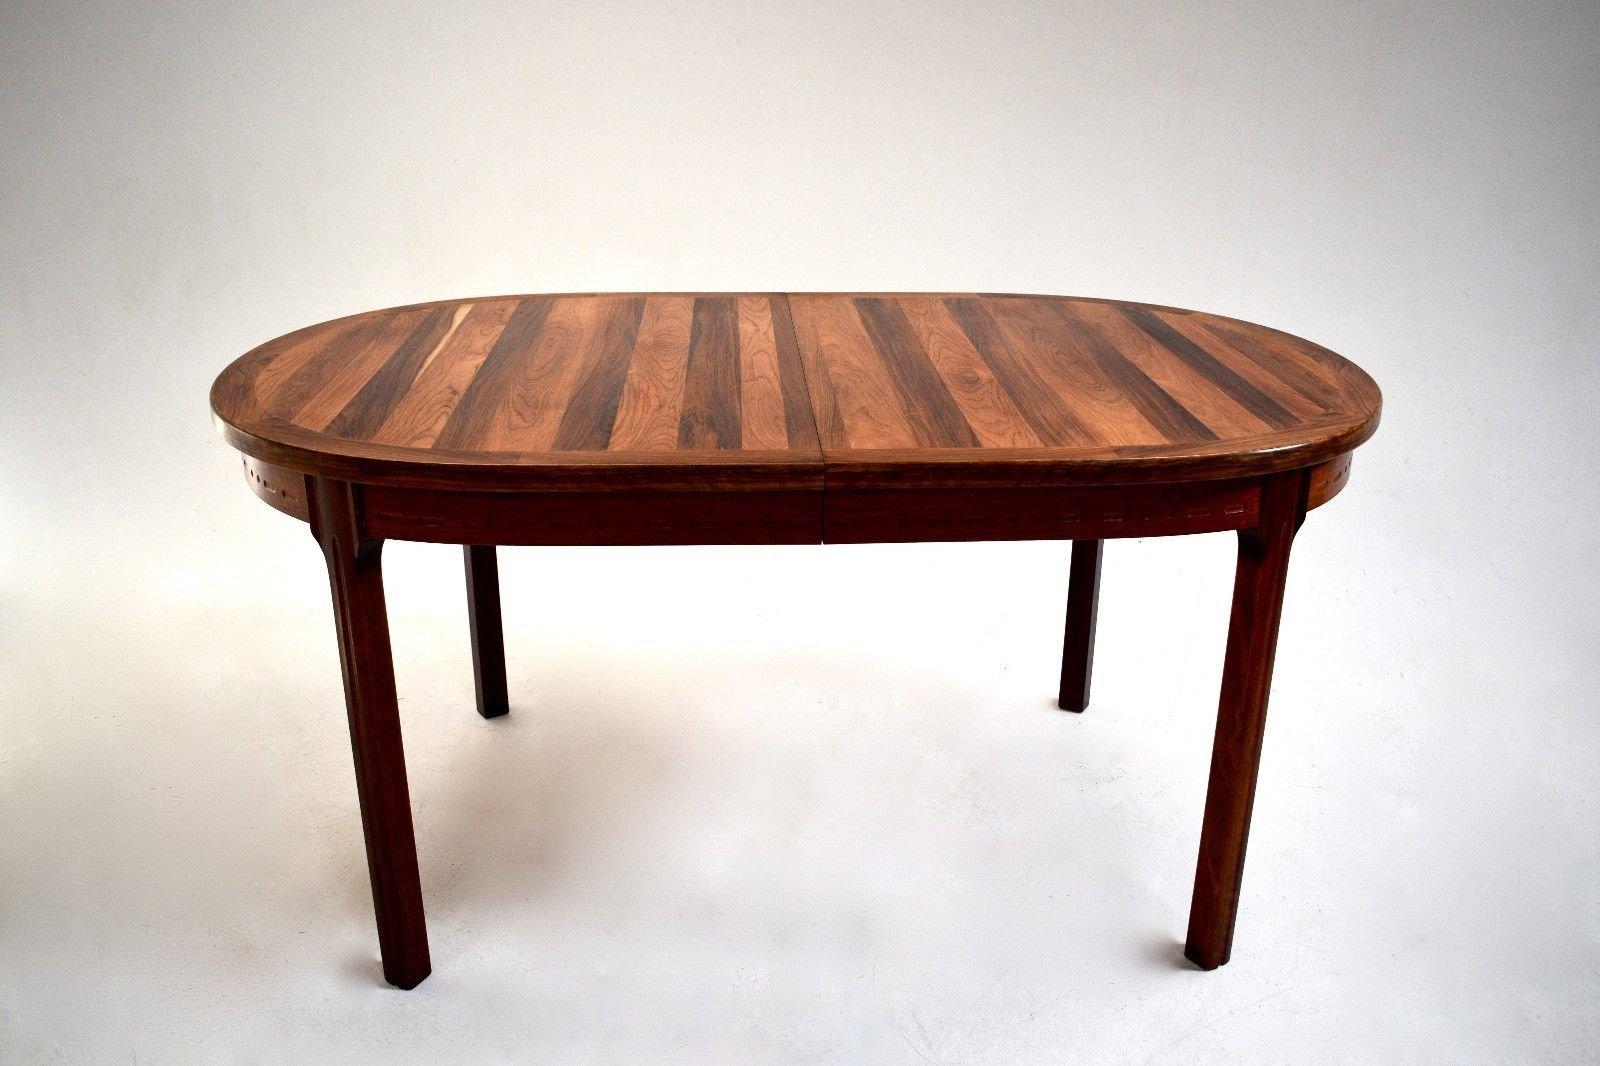 ovaler palisander esstisch von nils jonsson f r hugo troeds 1960er bei pamono kaufen. Black Bedroom Furniture Sets. Home Design Ideas